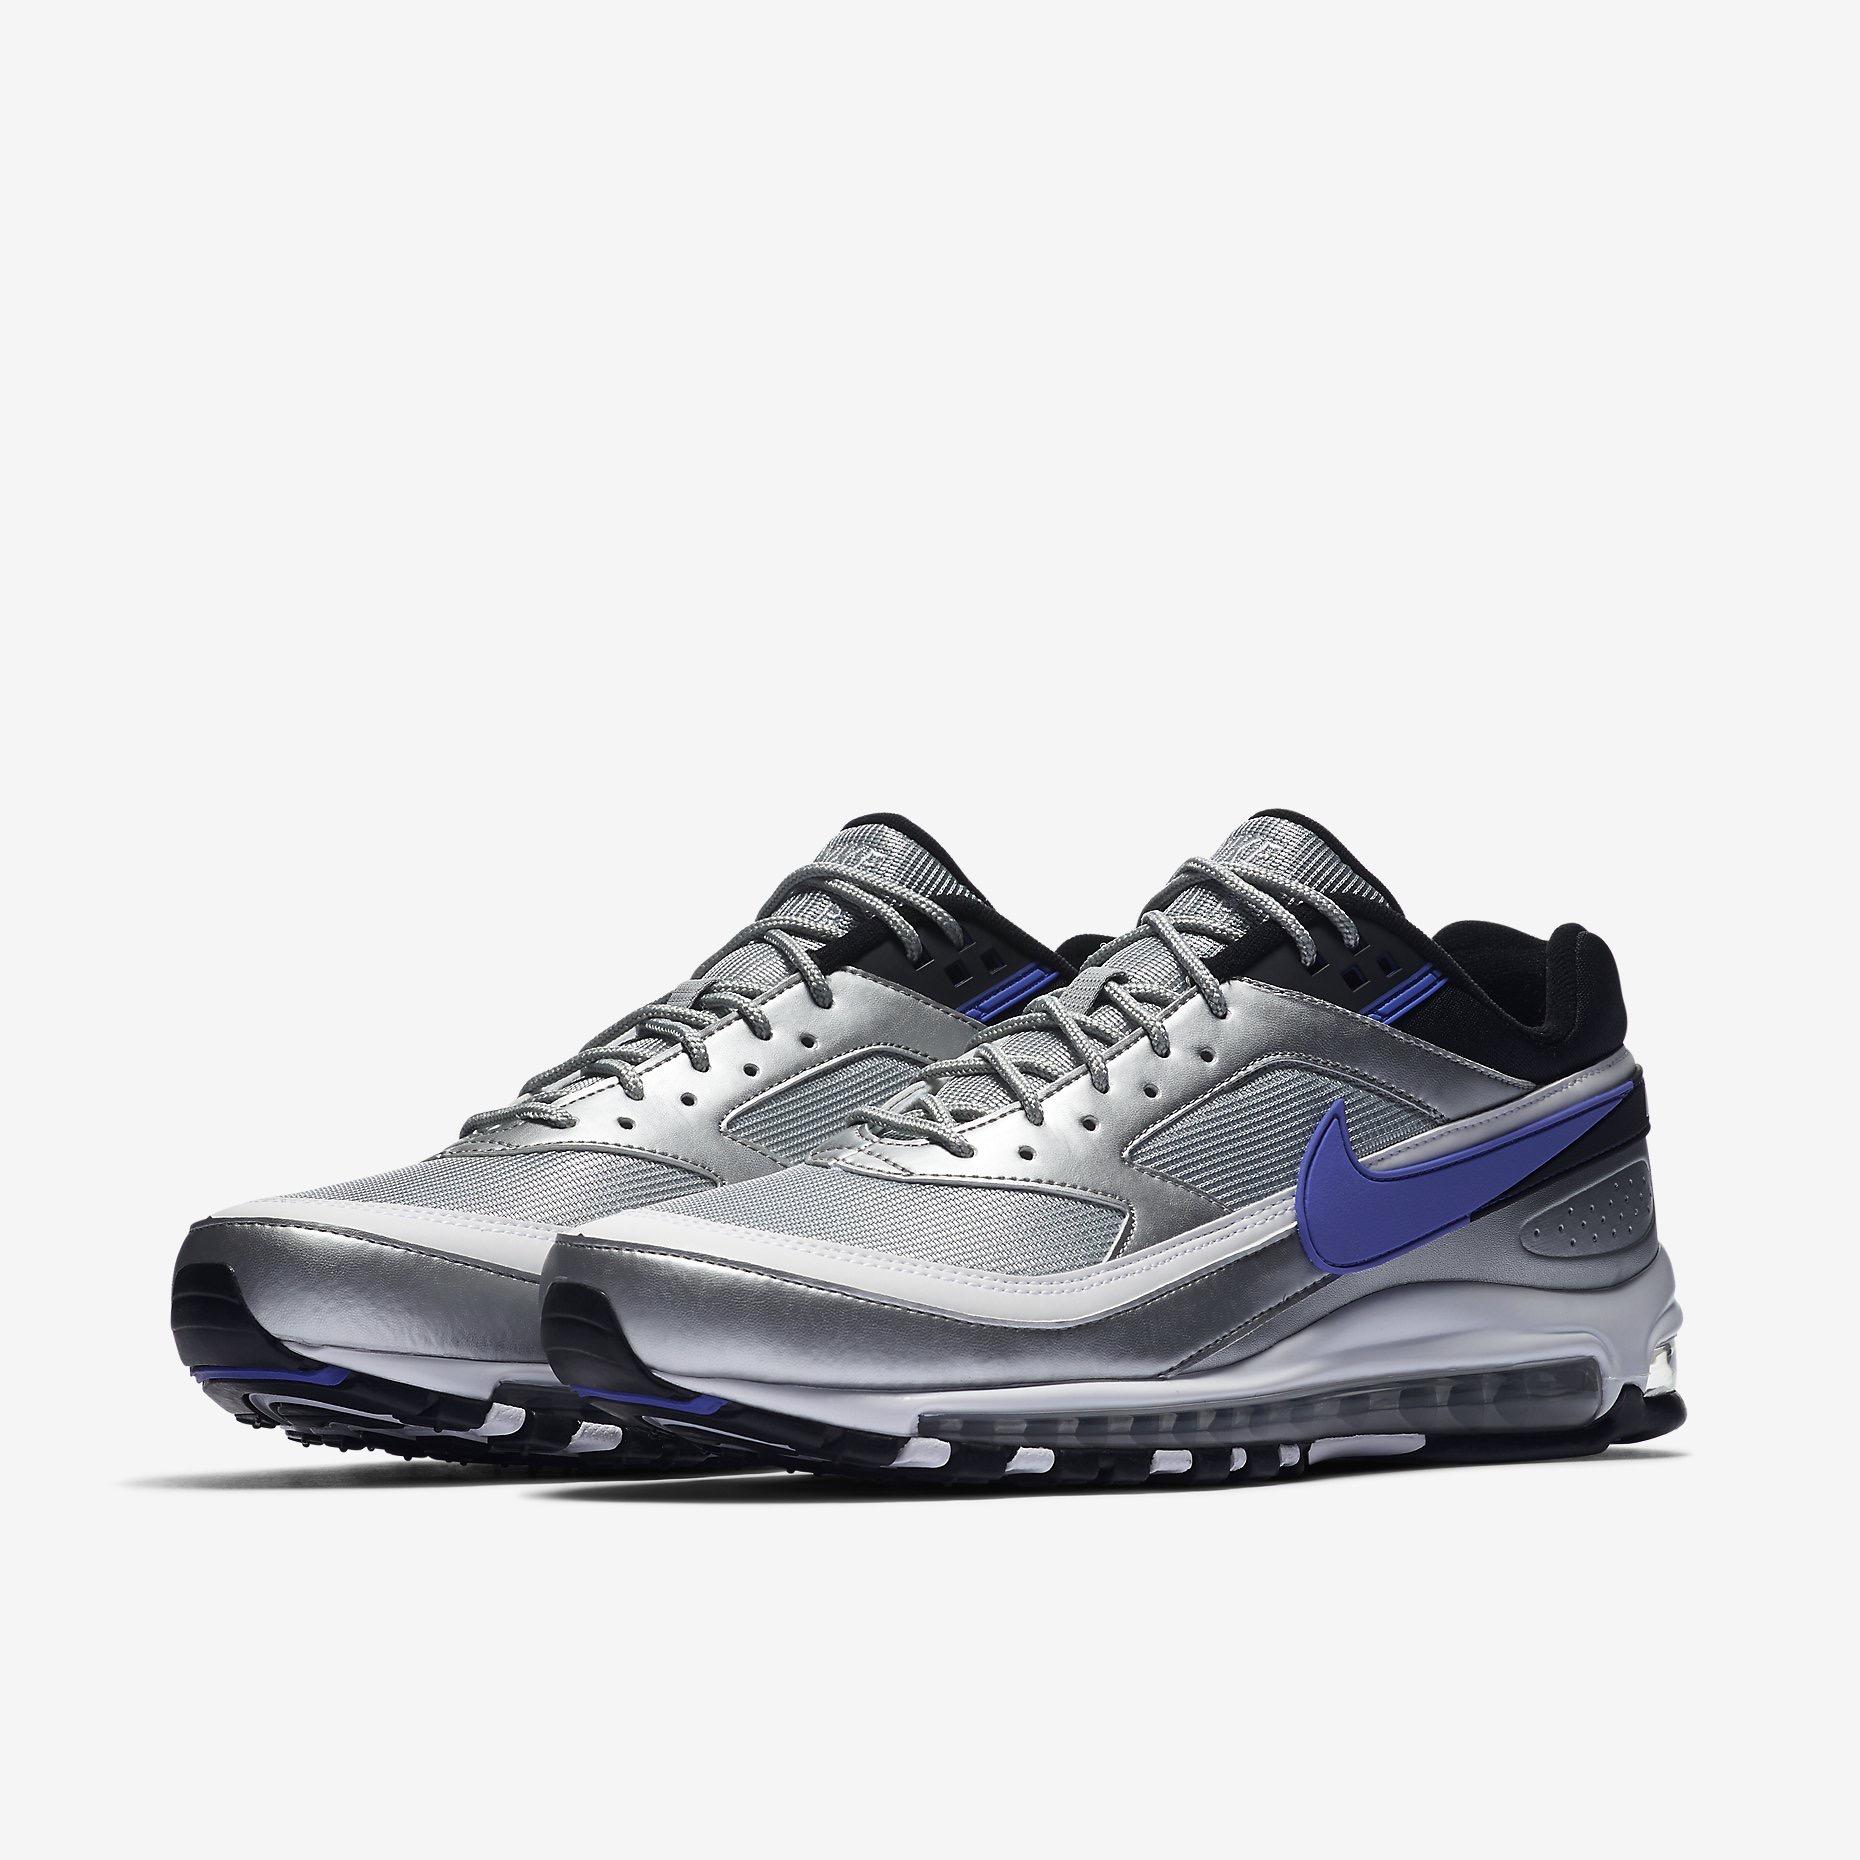 Nike Air Max 97 BW QS AO2406